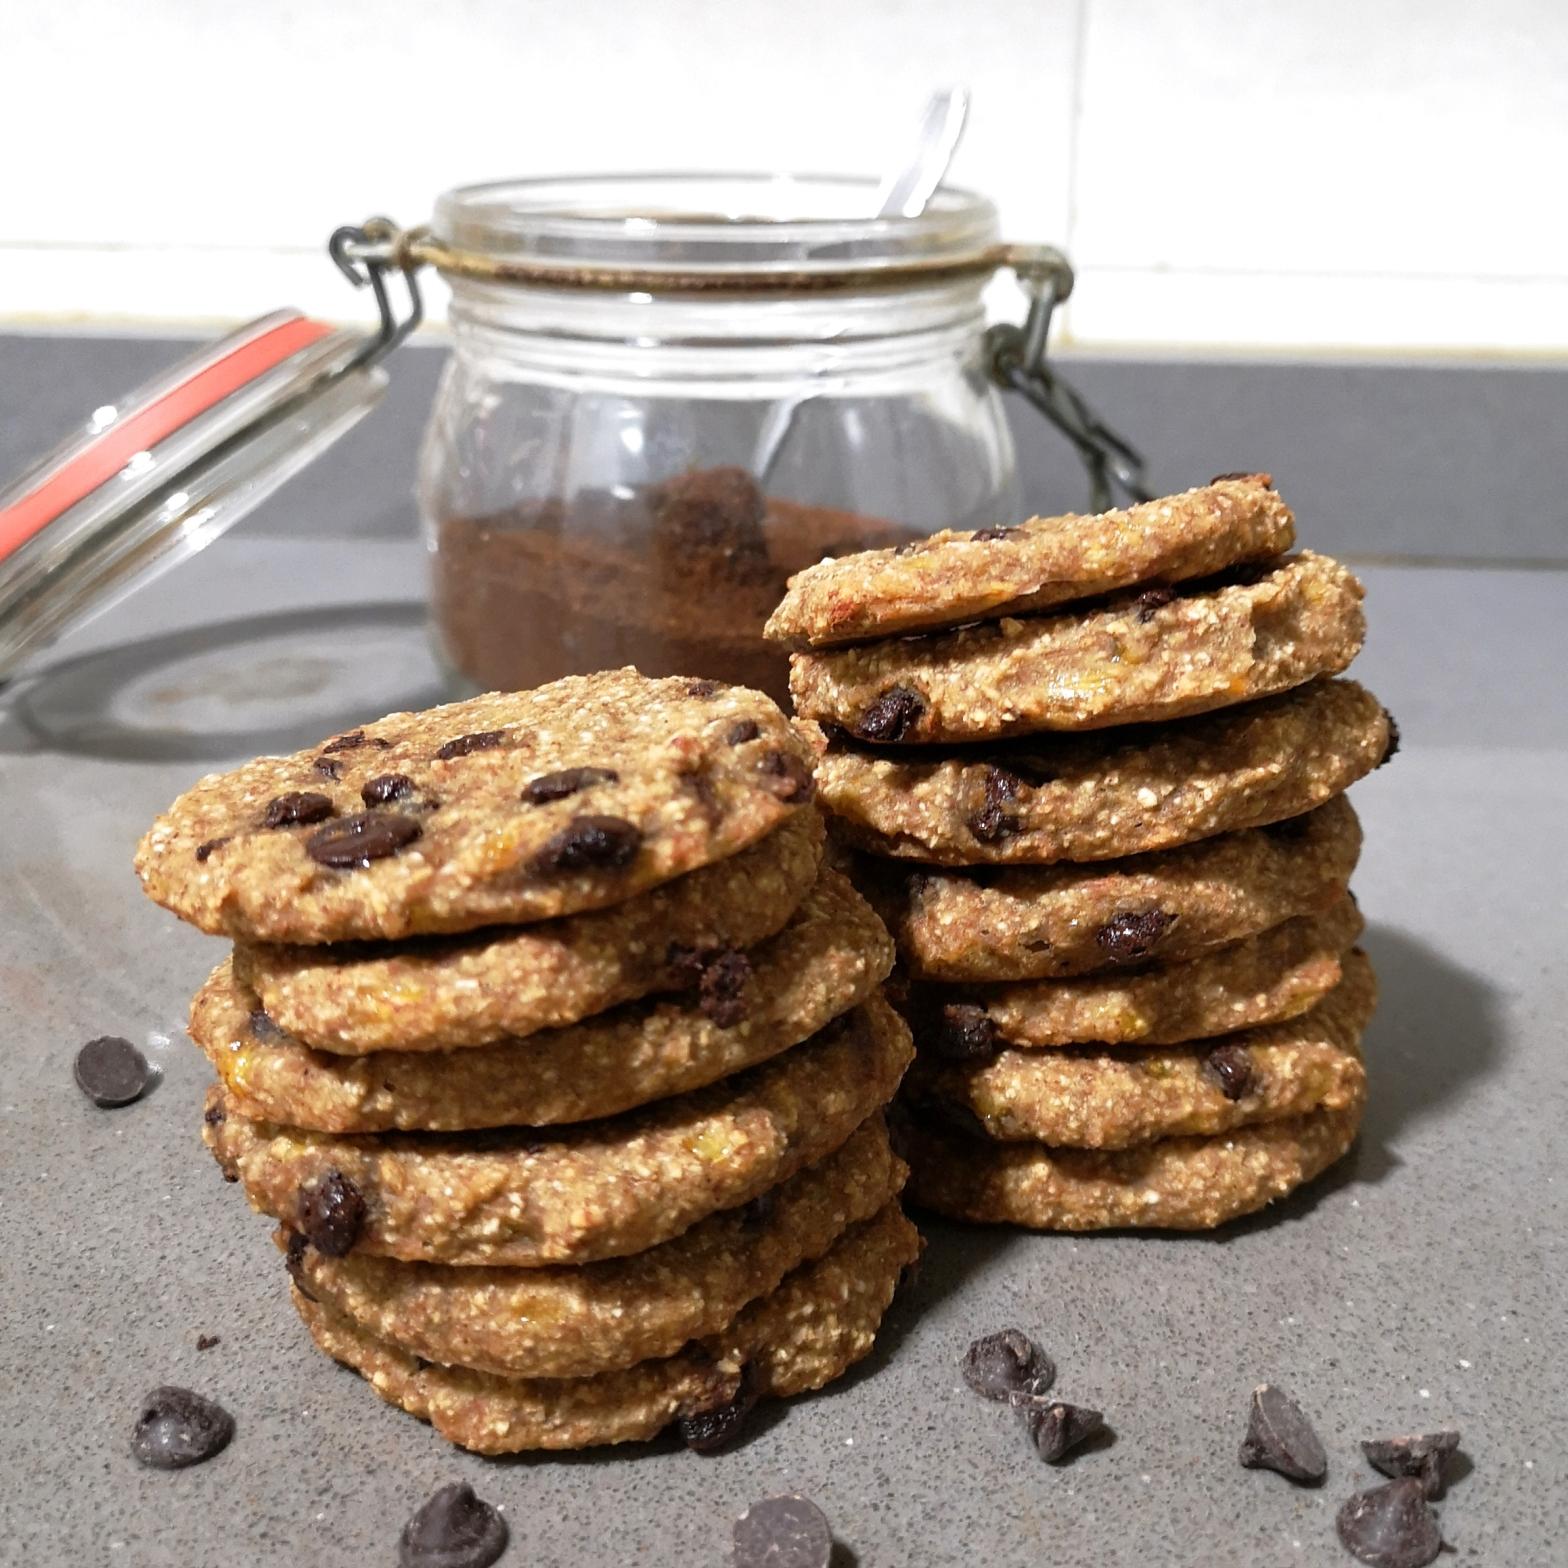 galletas caseras saludables